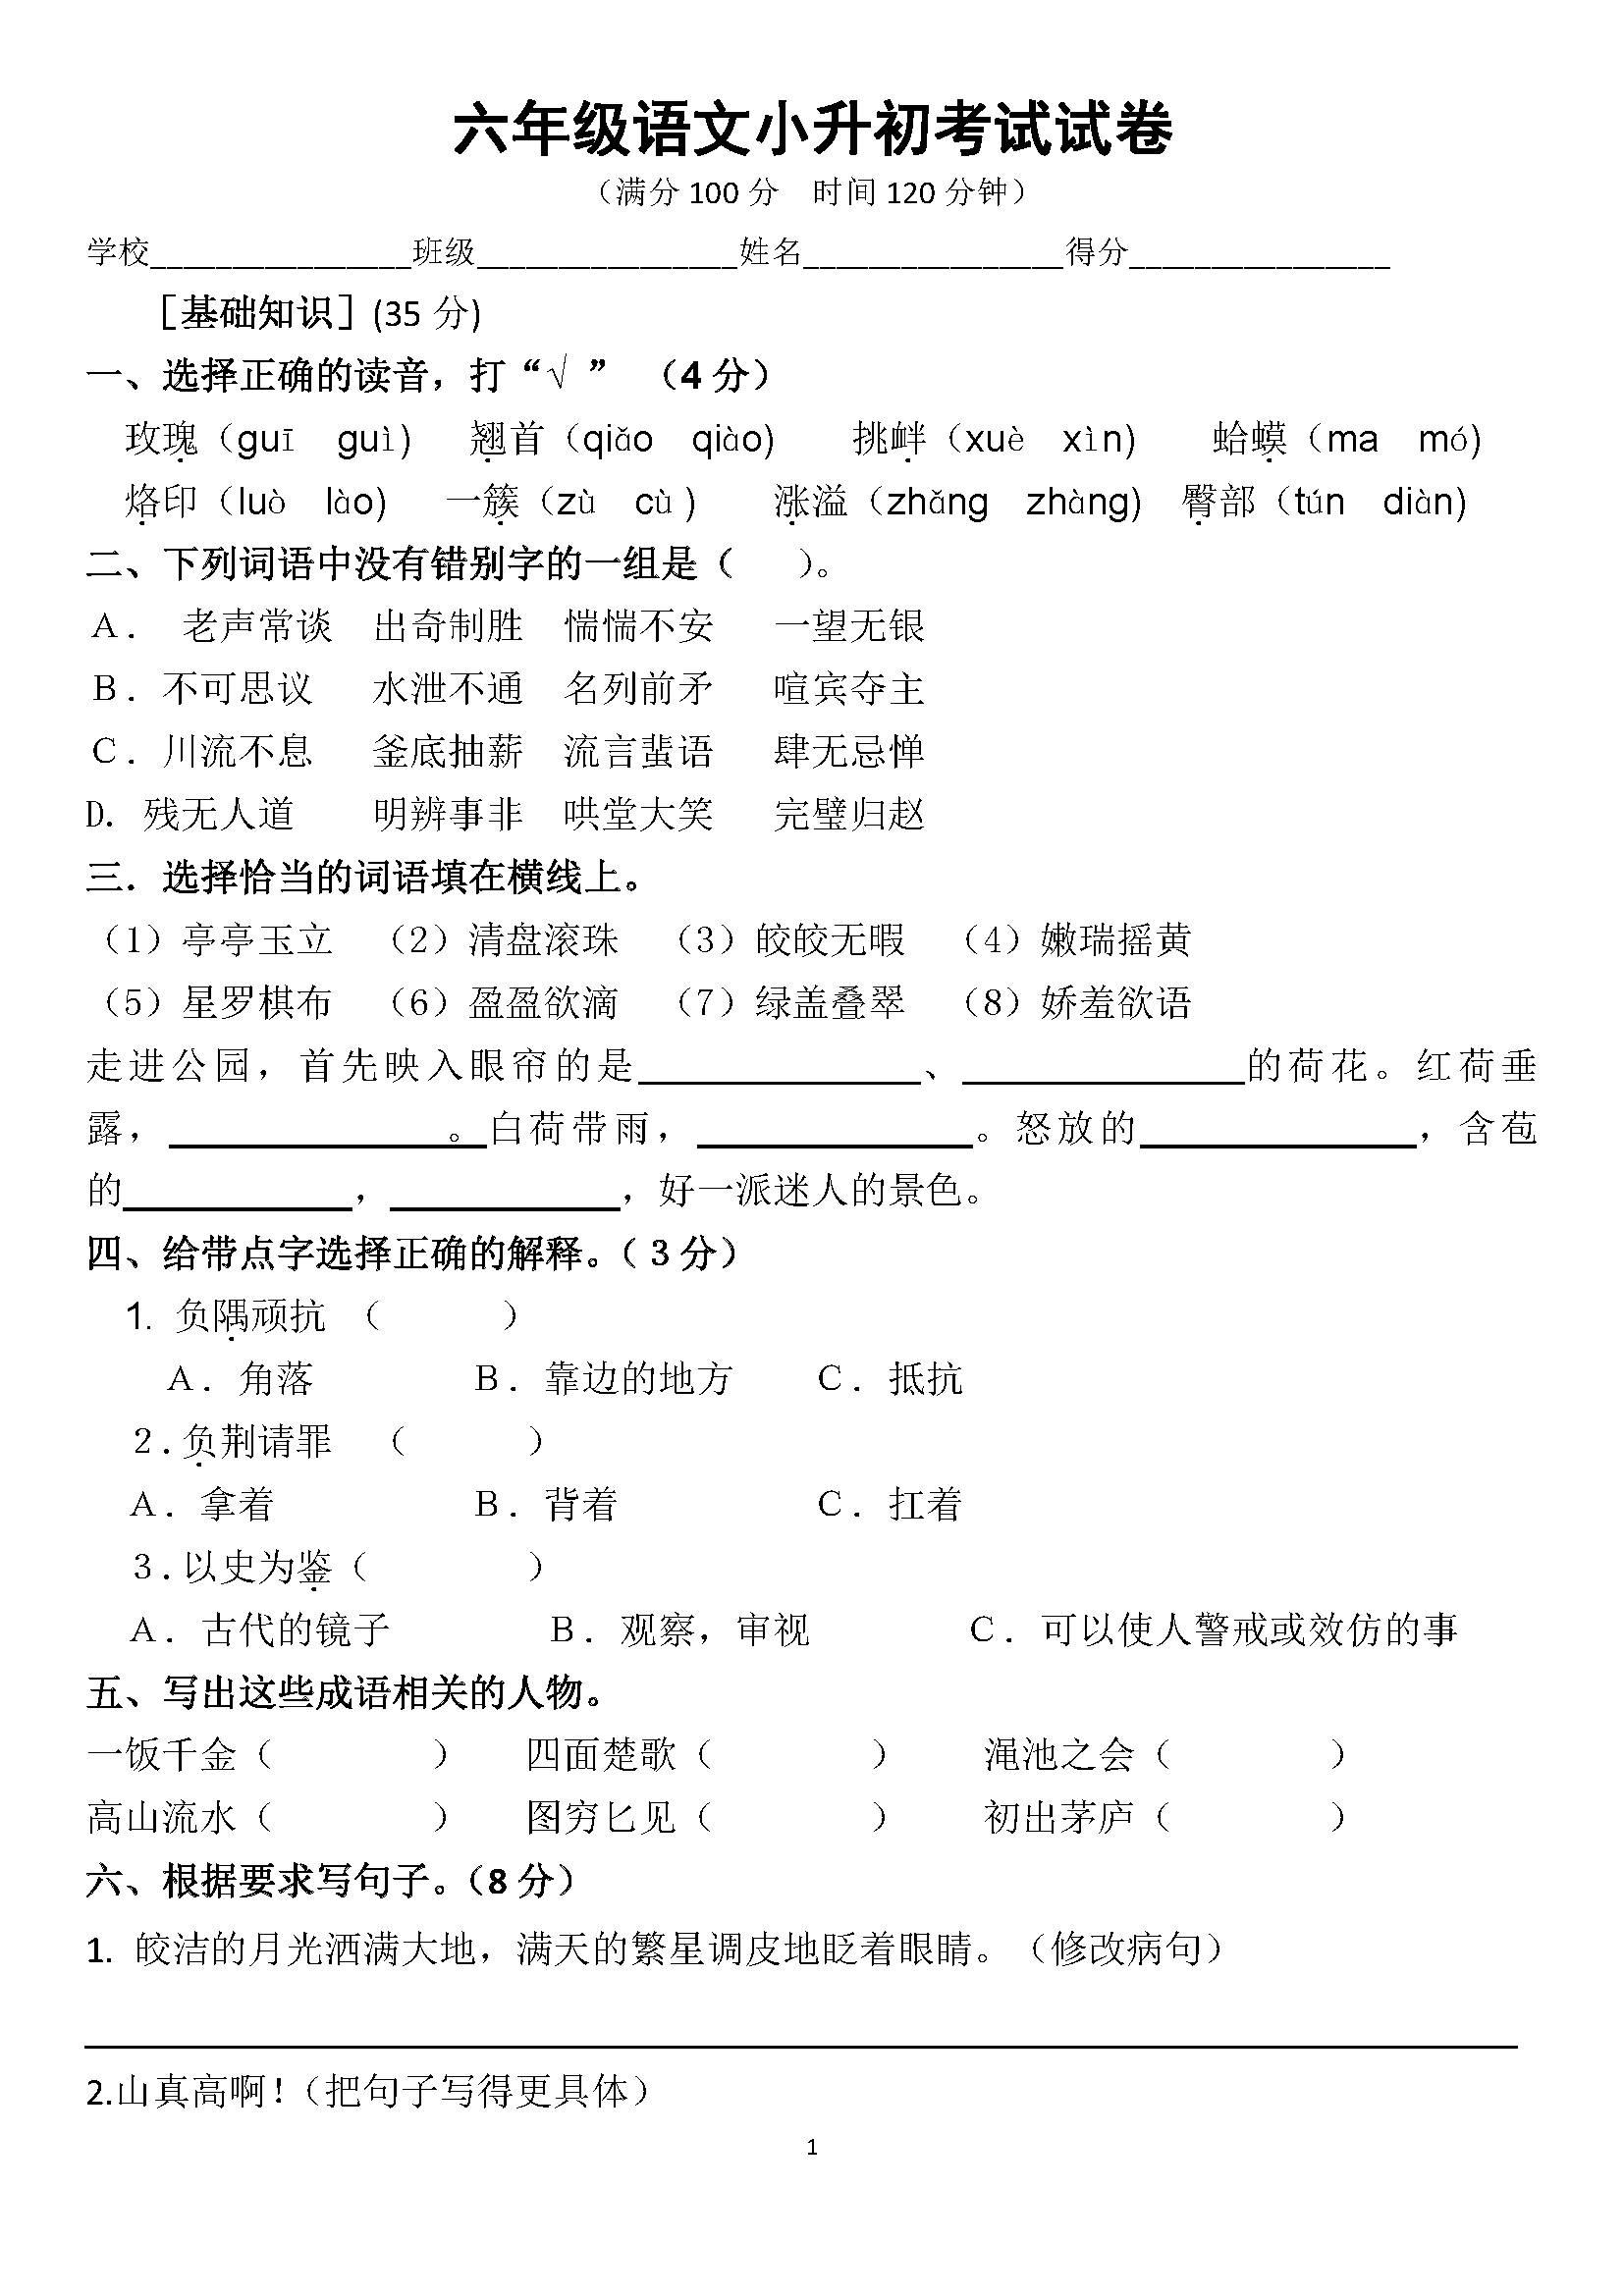 六年级语文月考答案_六年级语文小升初考试试卷(附答案)